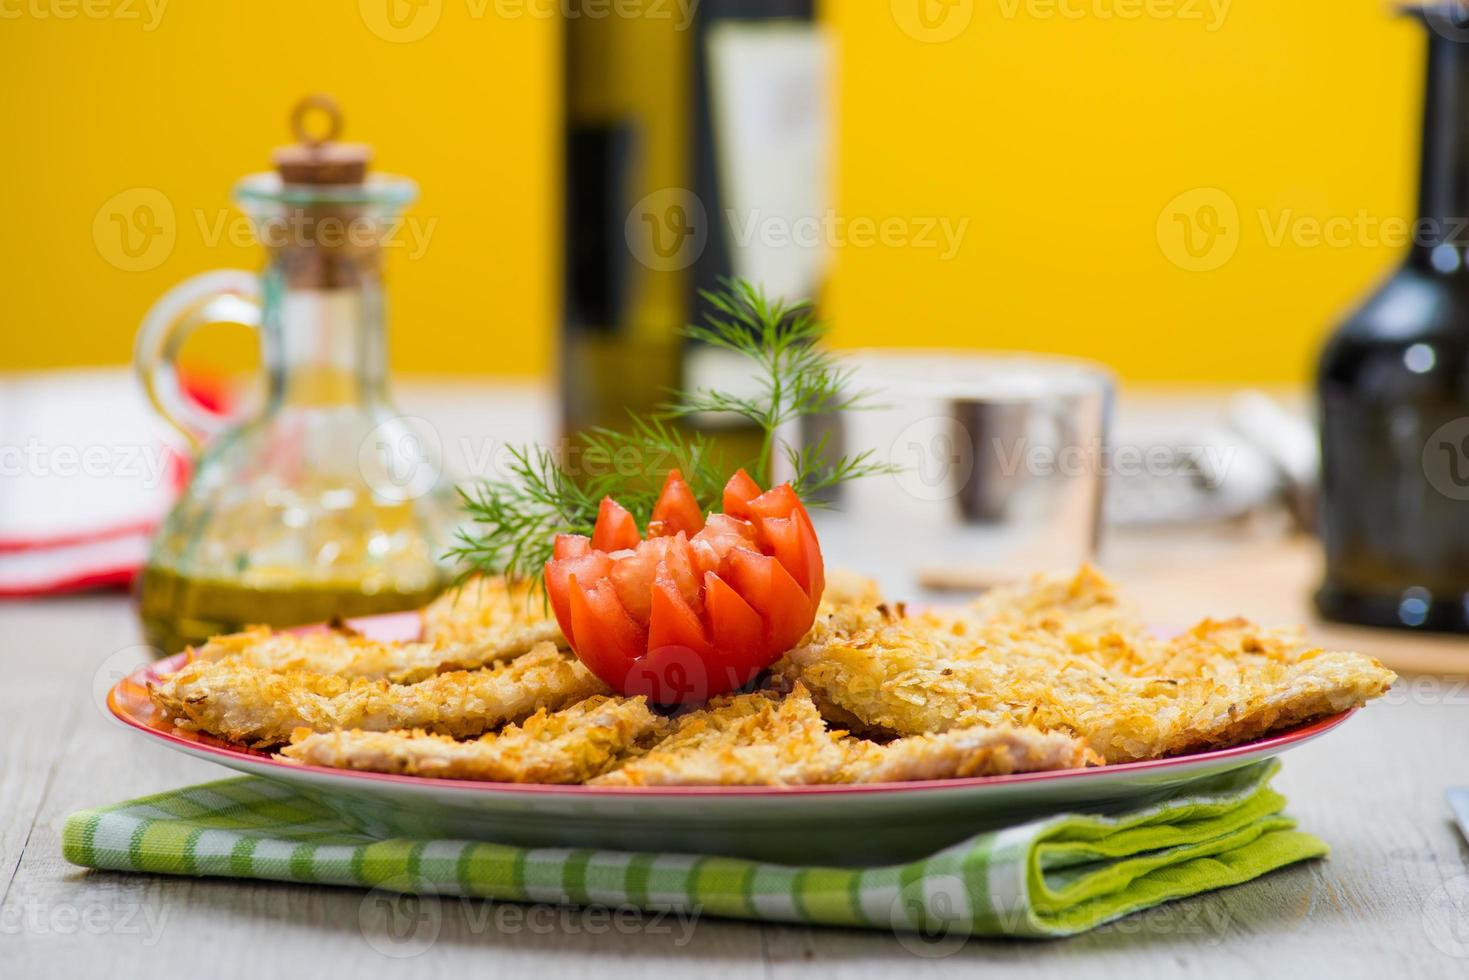 pechuga de pollo empanizada con papas fritas foto